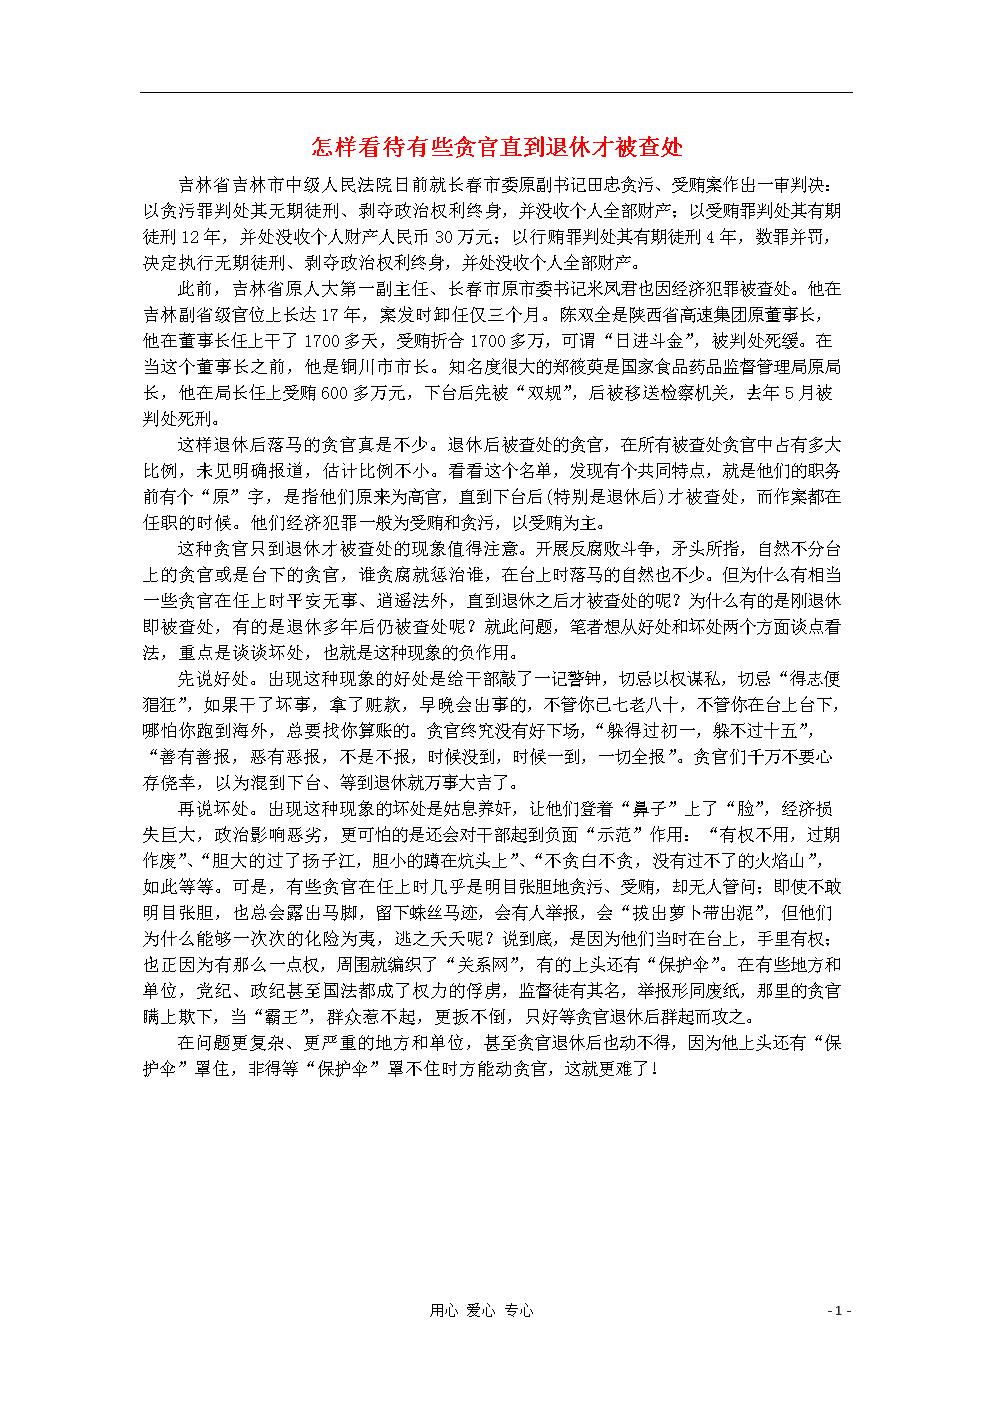 高中语文 作文素材之时评例文 怎样看待有些贪官直到退休才被查处.